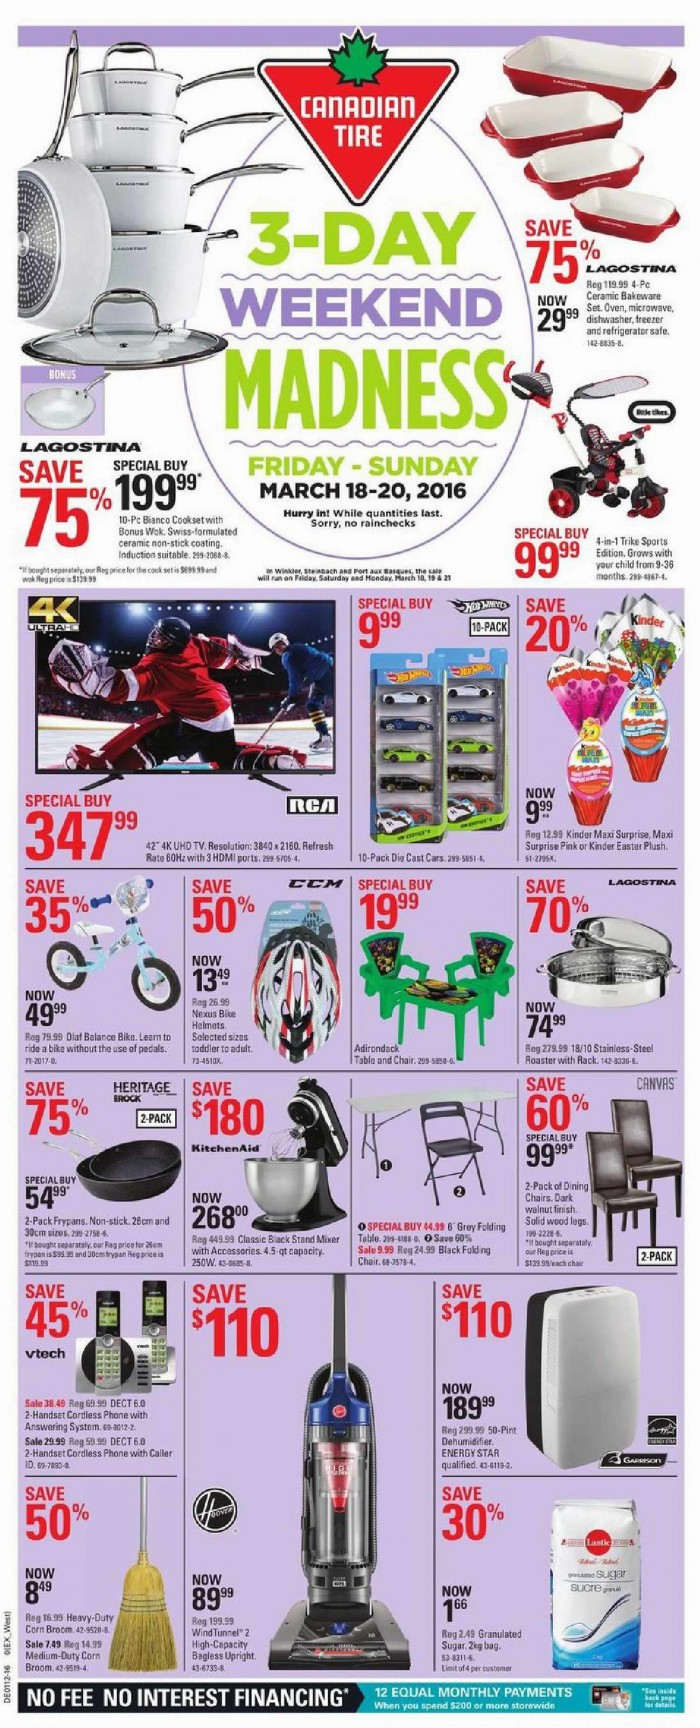 Canadian Tire 本周(2016.3.18-2016.3.24)打折海报